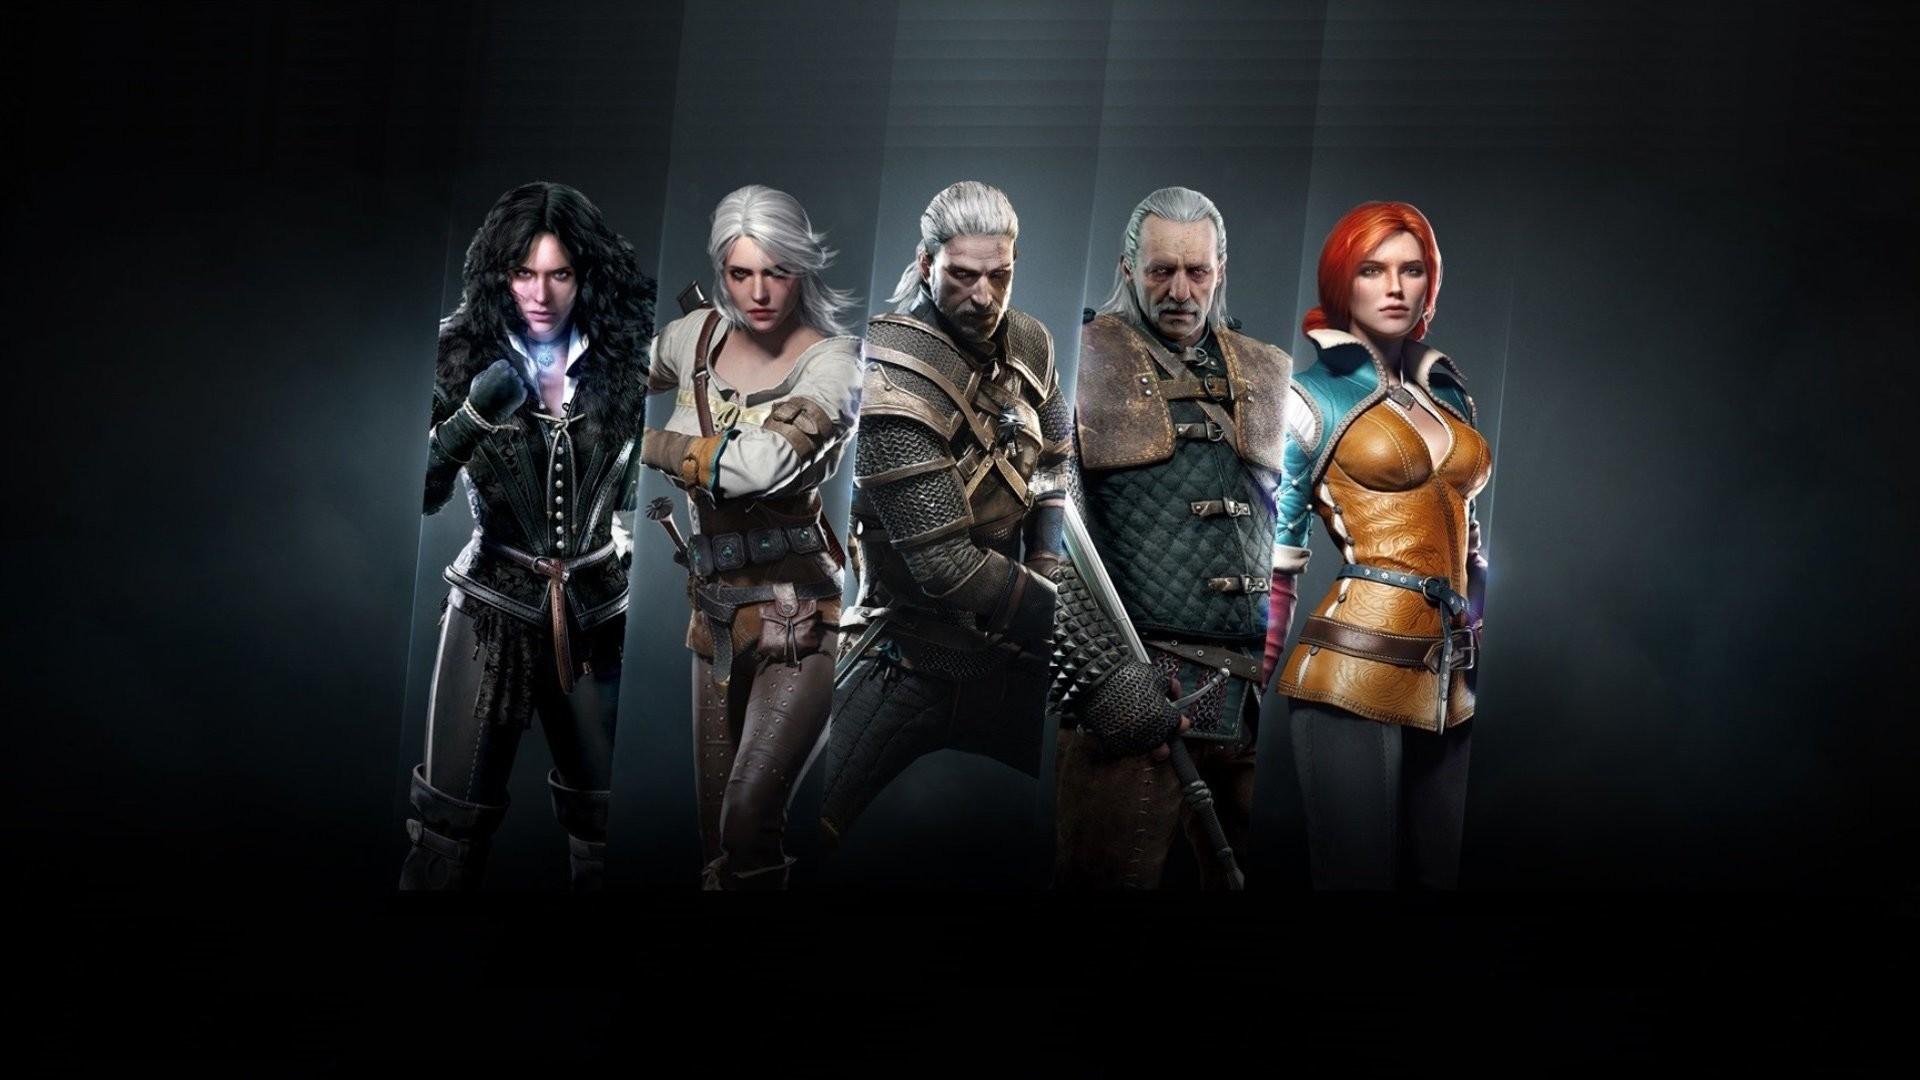 WITCHER 3 WILD HUNT fantasy action fighting warrior dark poster wallpaper      828128   WallpaperUP